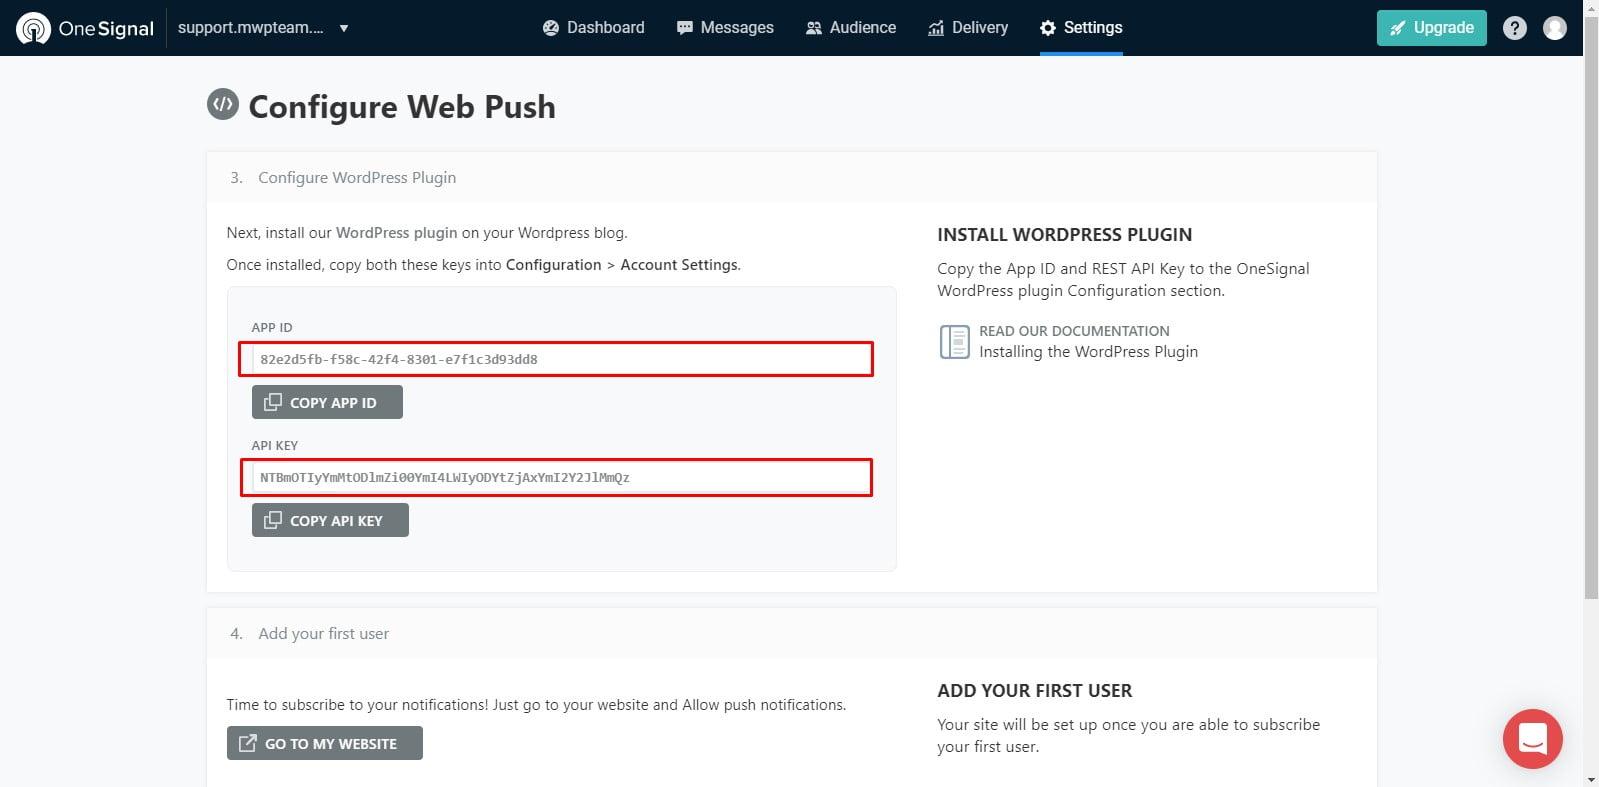 15 - Hướng dẫn cài đặt thông báo đẩy OneSignal cho WordPress từ A tới Z - Trung tâm hỗ trợ kỹ thuật